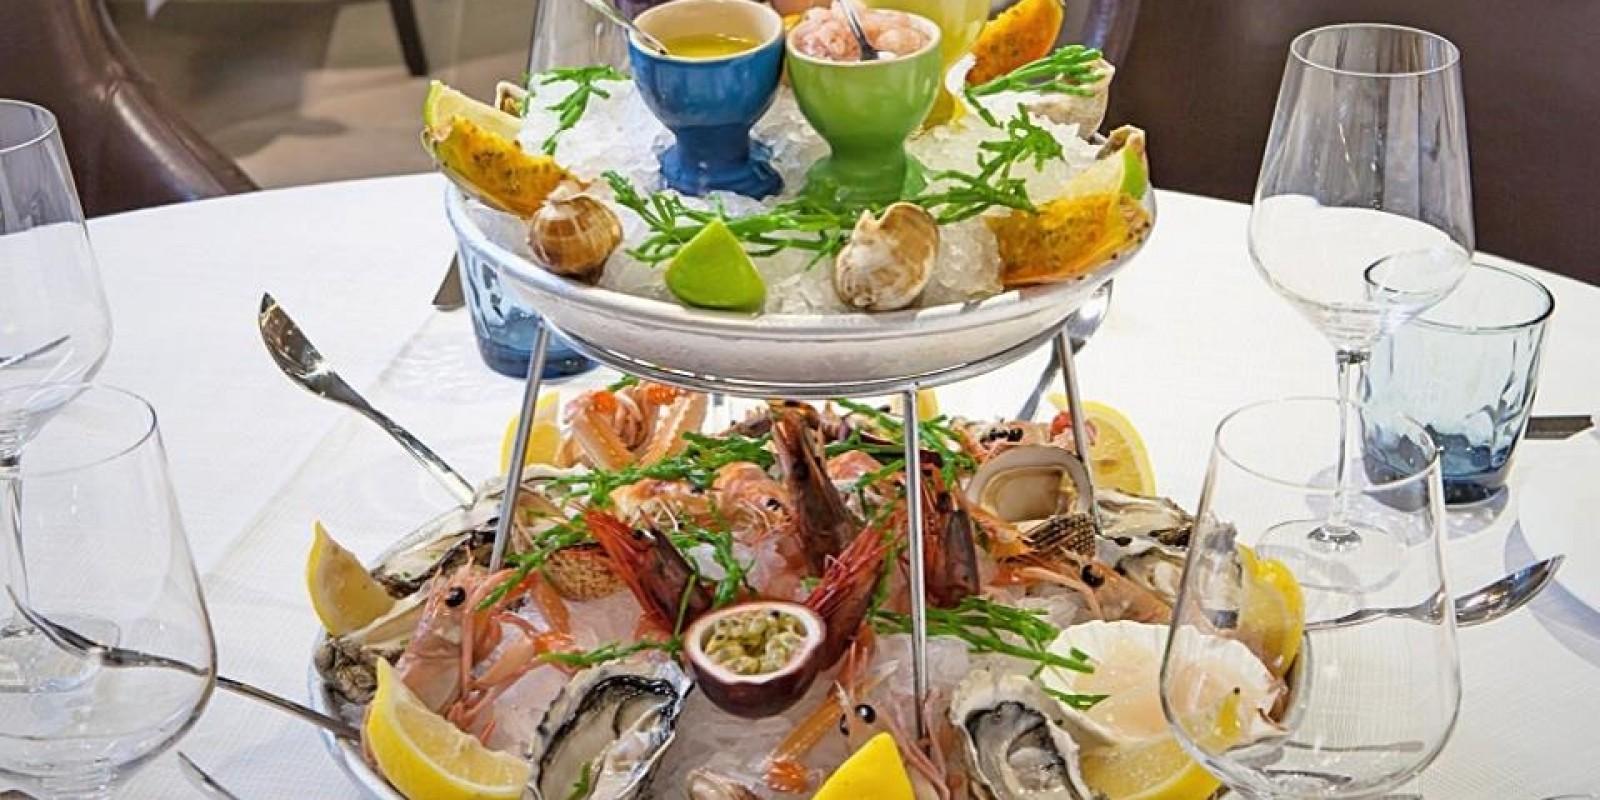 Pesce Carne O Vegan 7 Ristoranti Dove Si Mangia Crudo